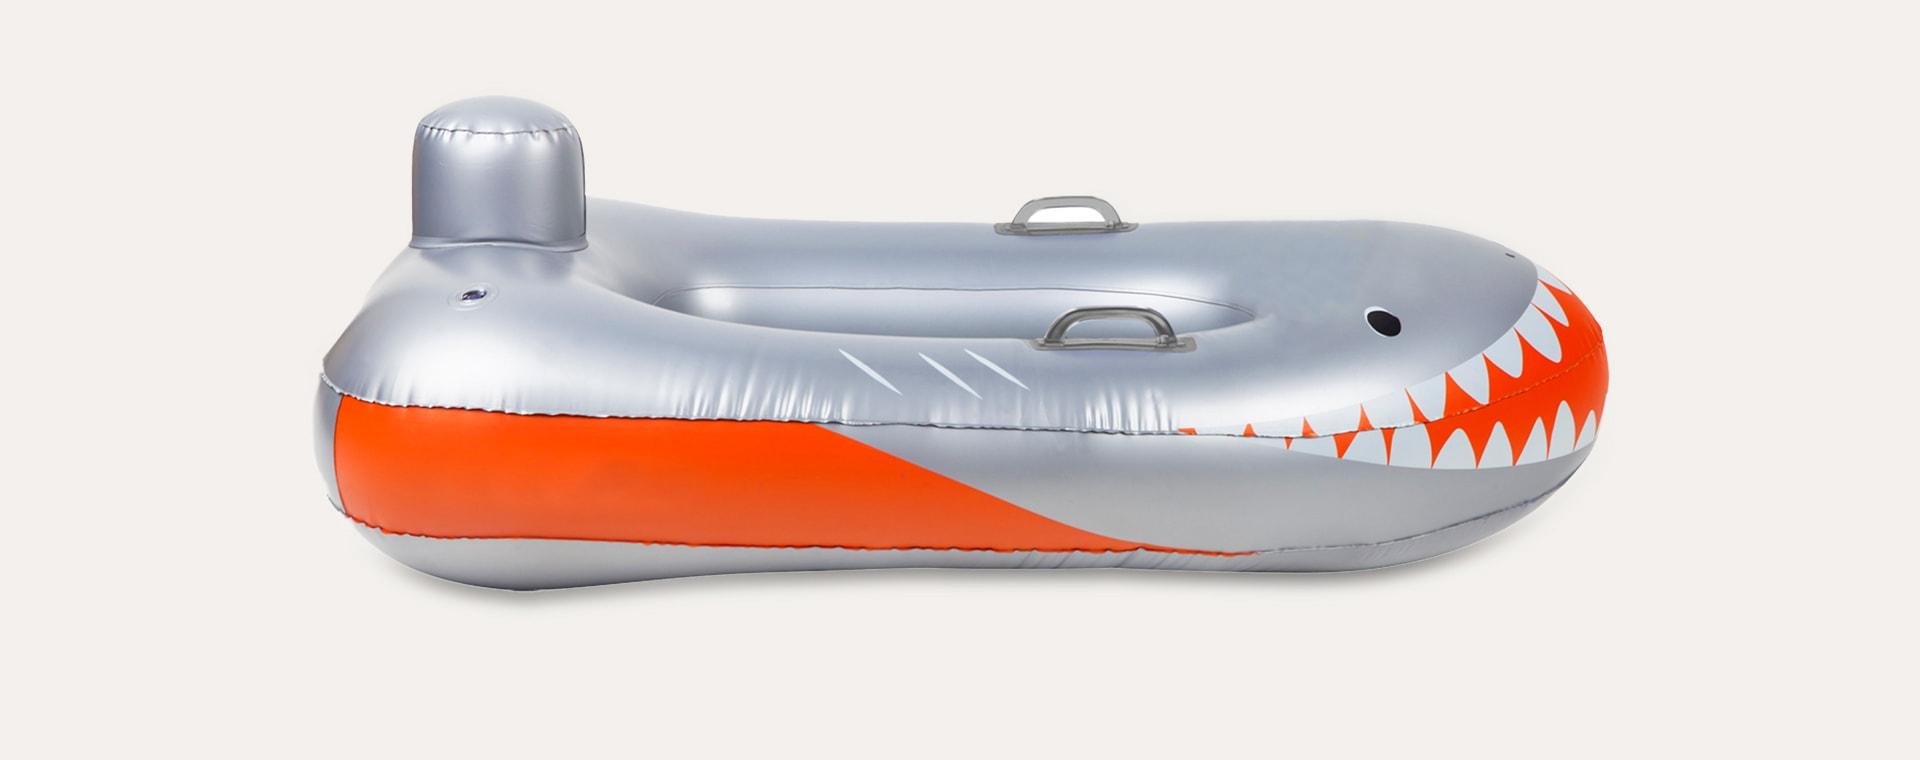 Shark Attack Sunnylife Speed Boat Float